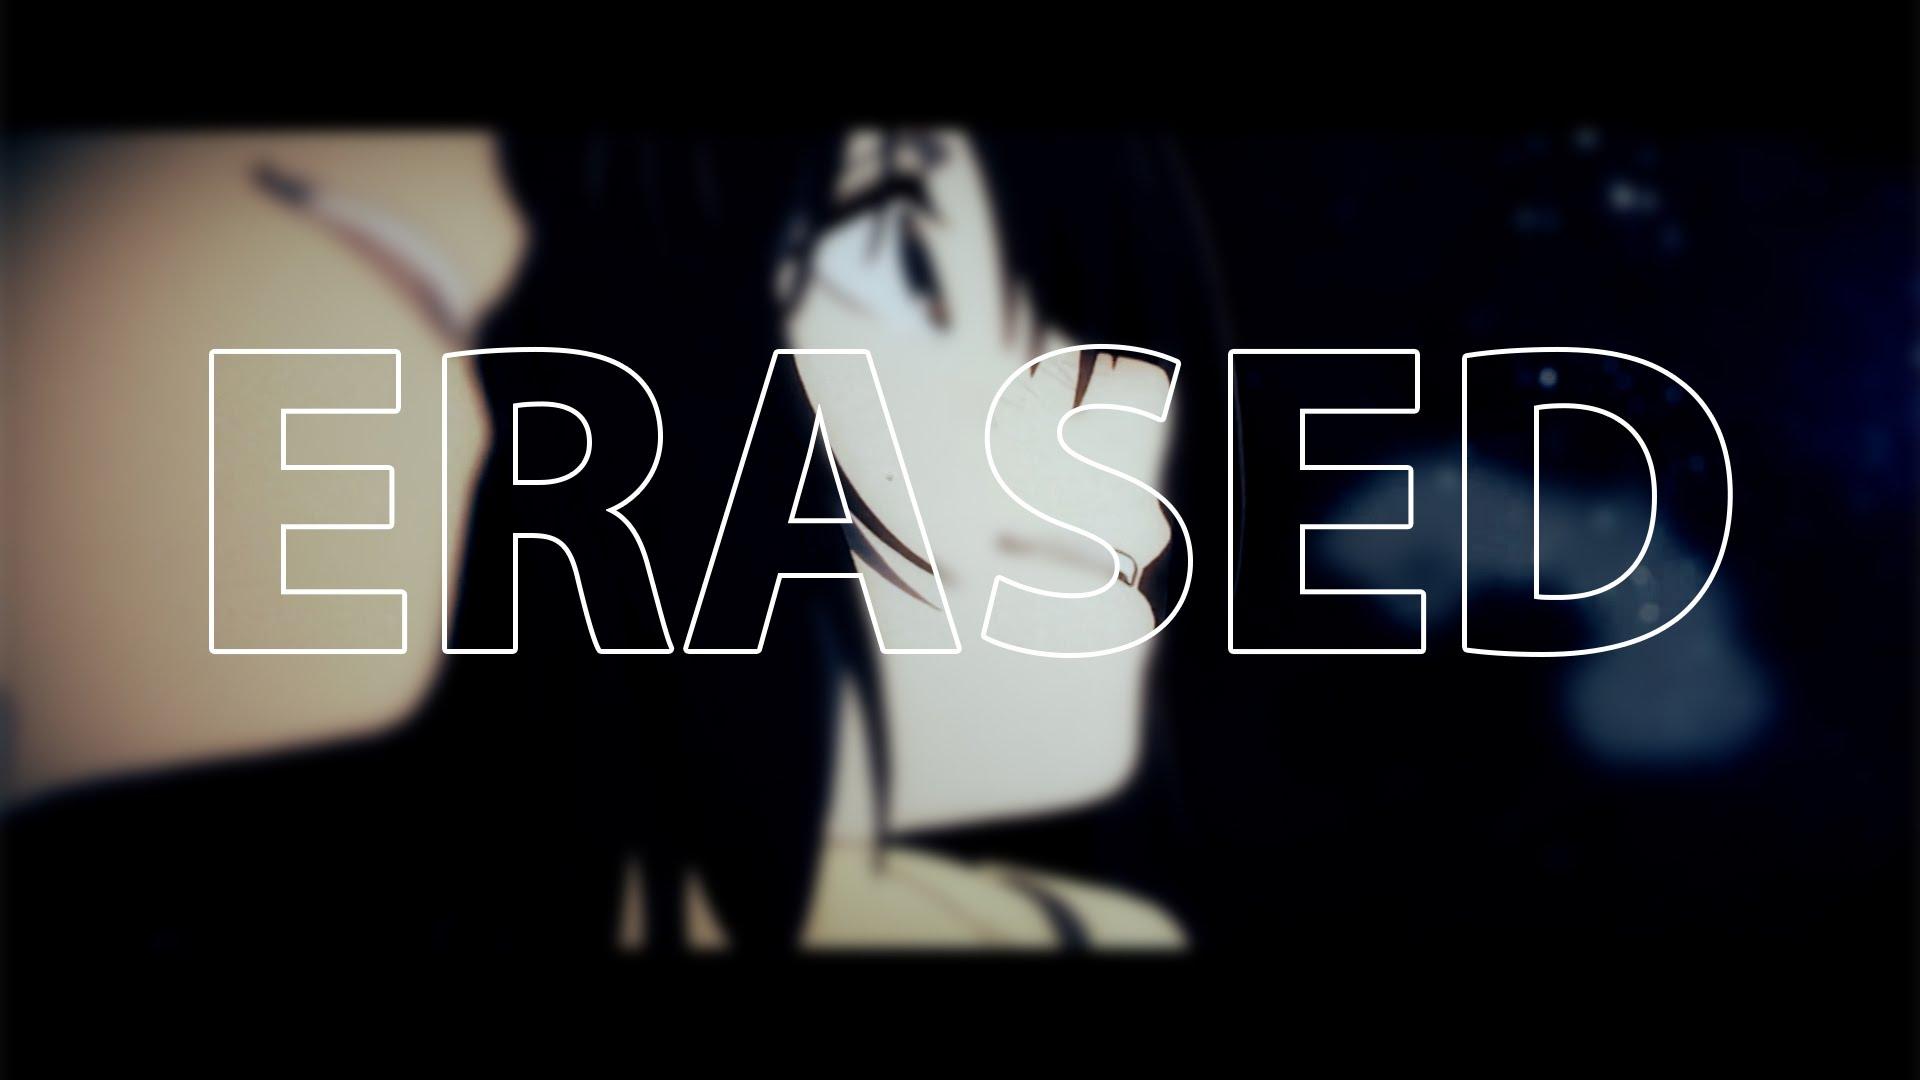 Photo of Erased!